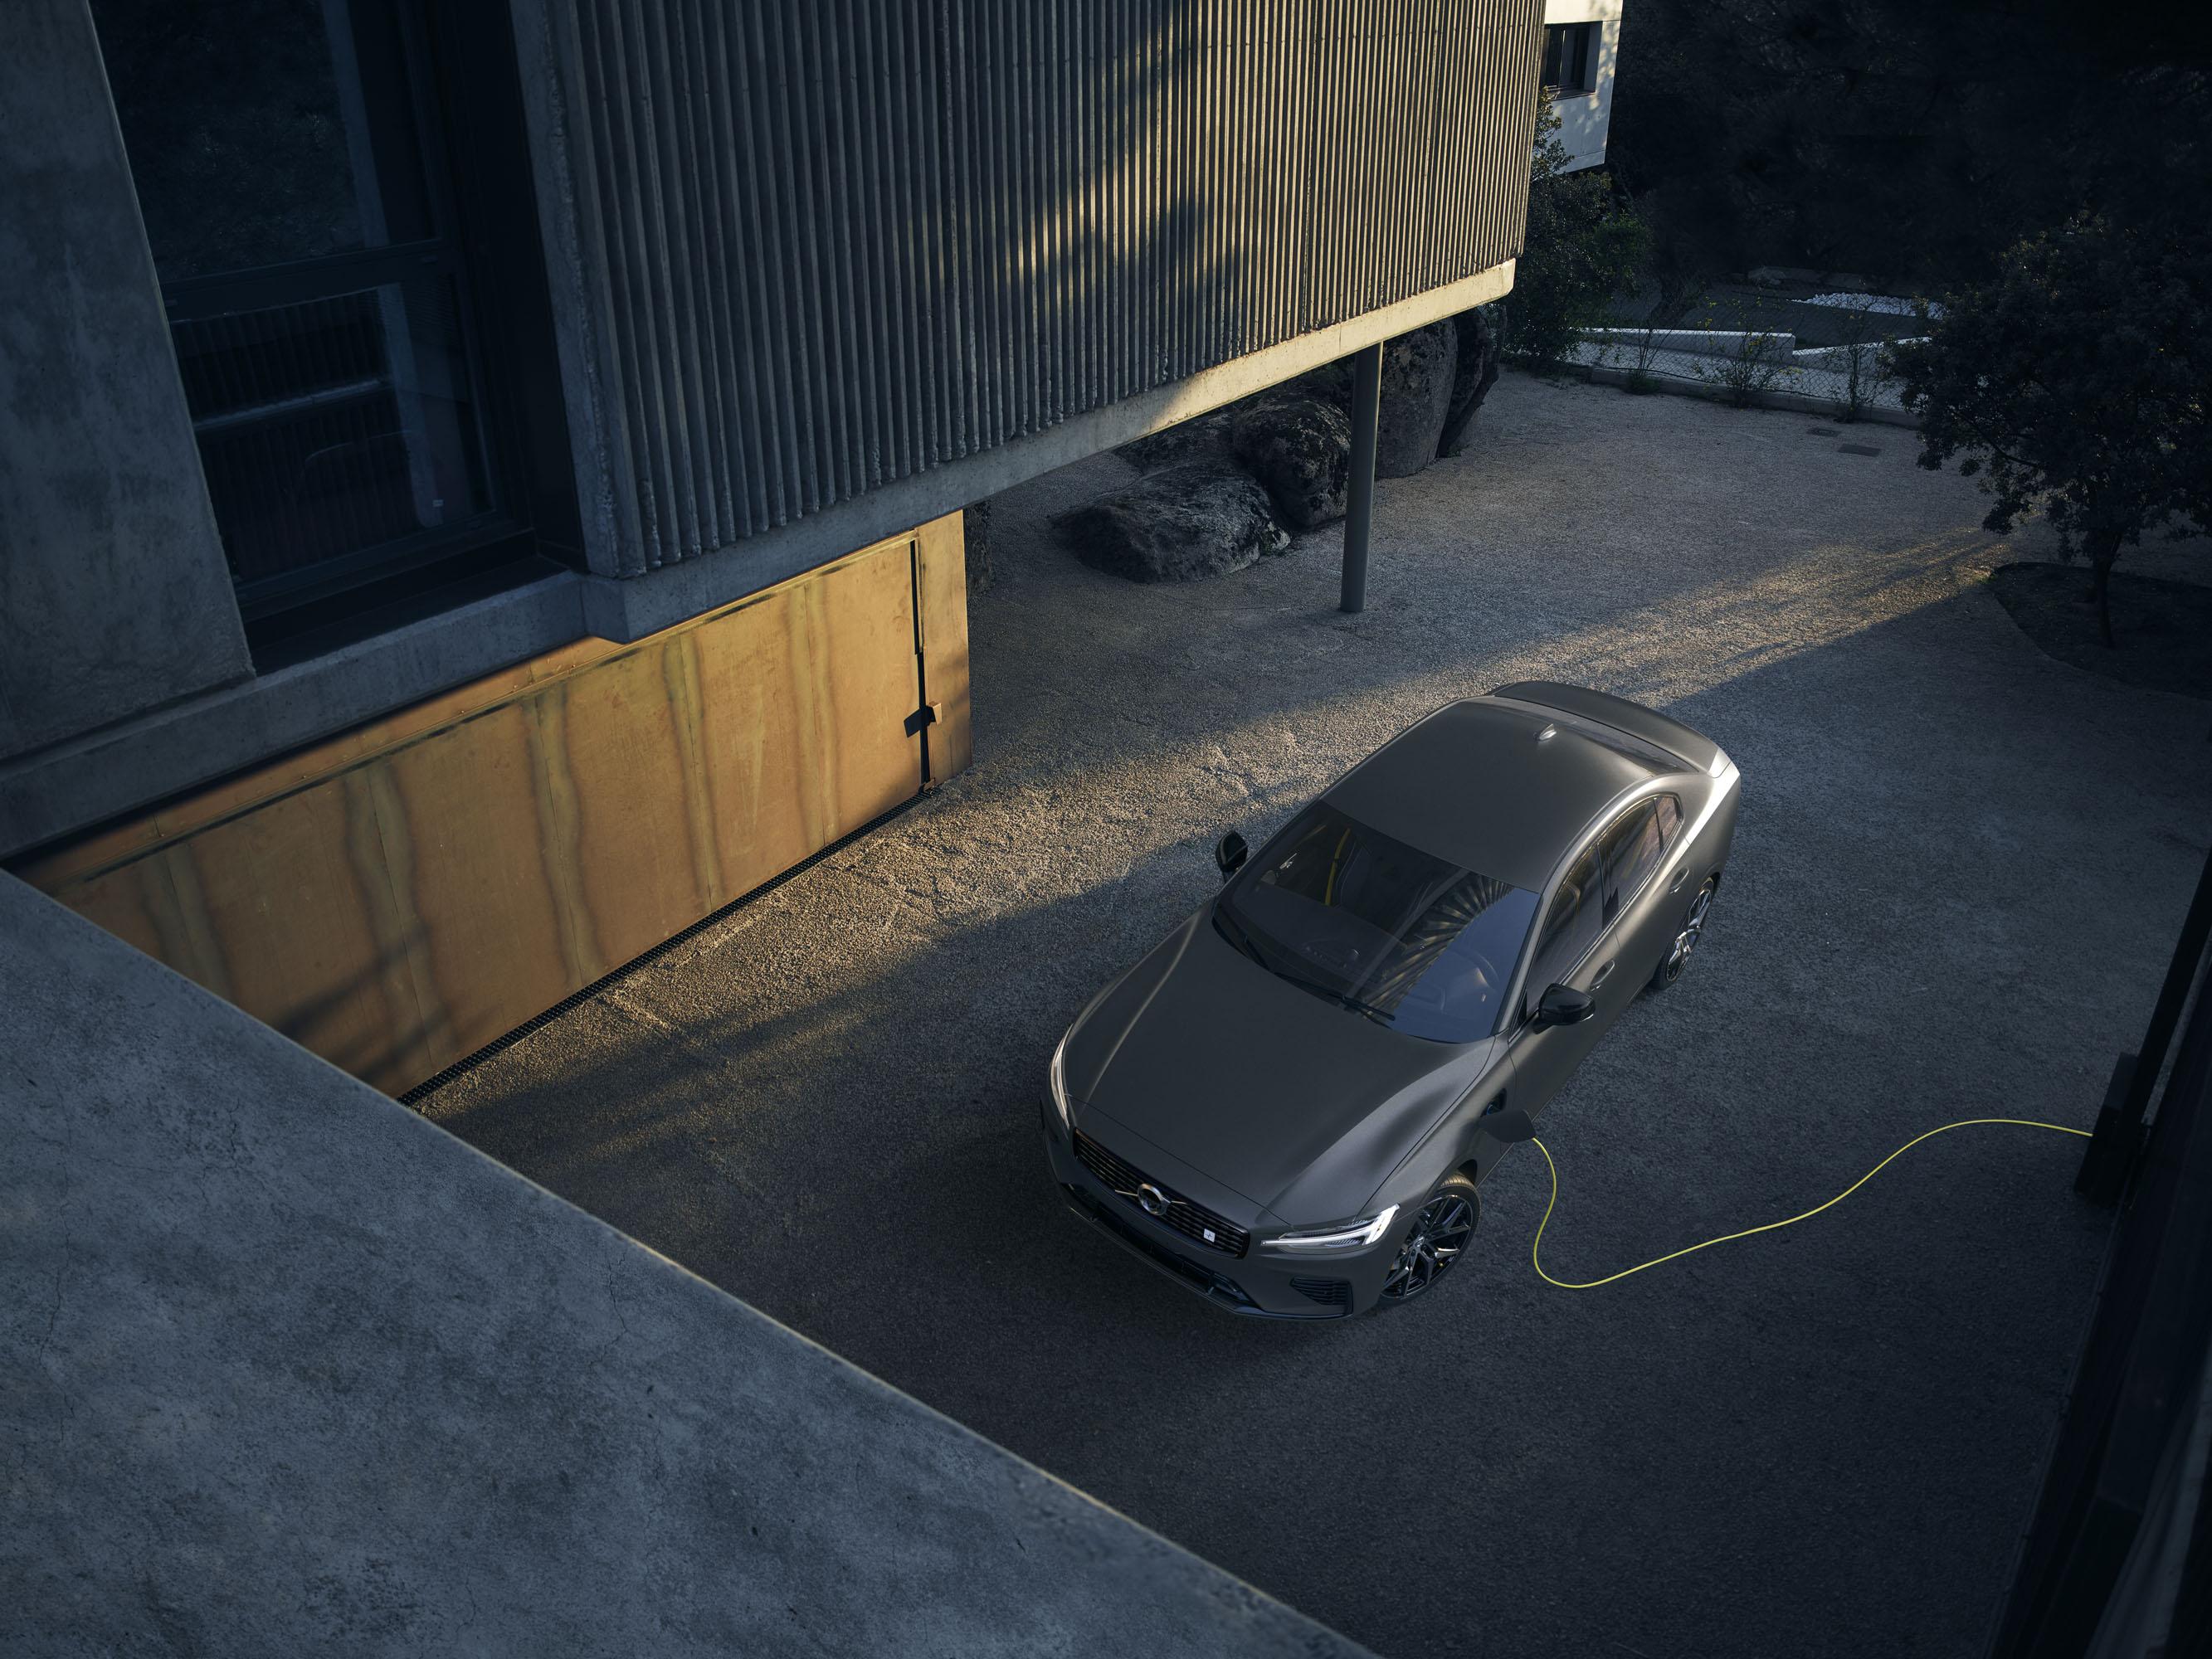 2019 Volvo S60 Polestar in grey charging